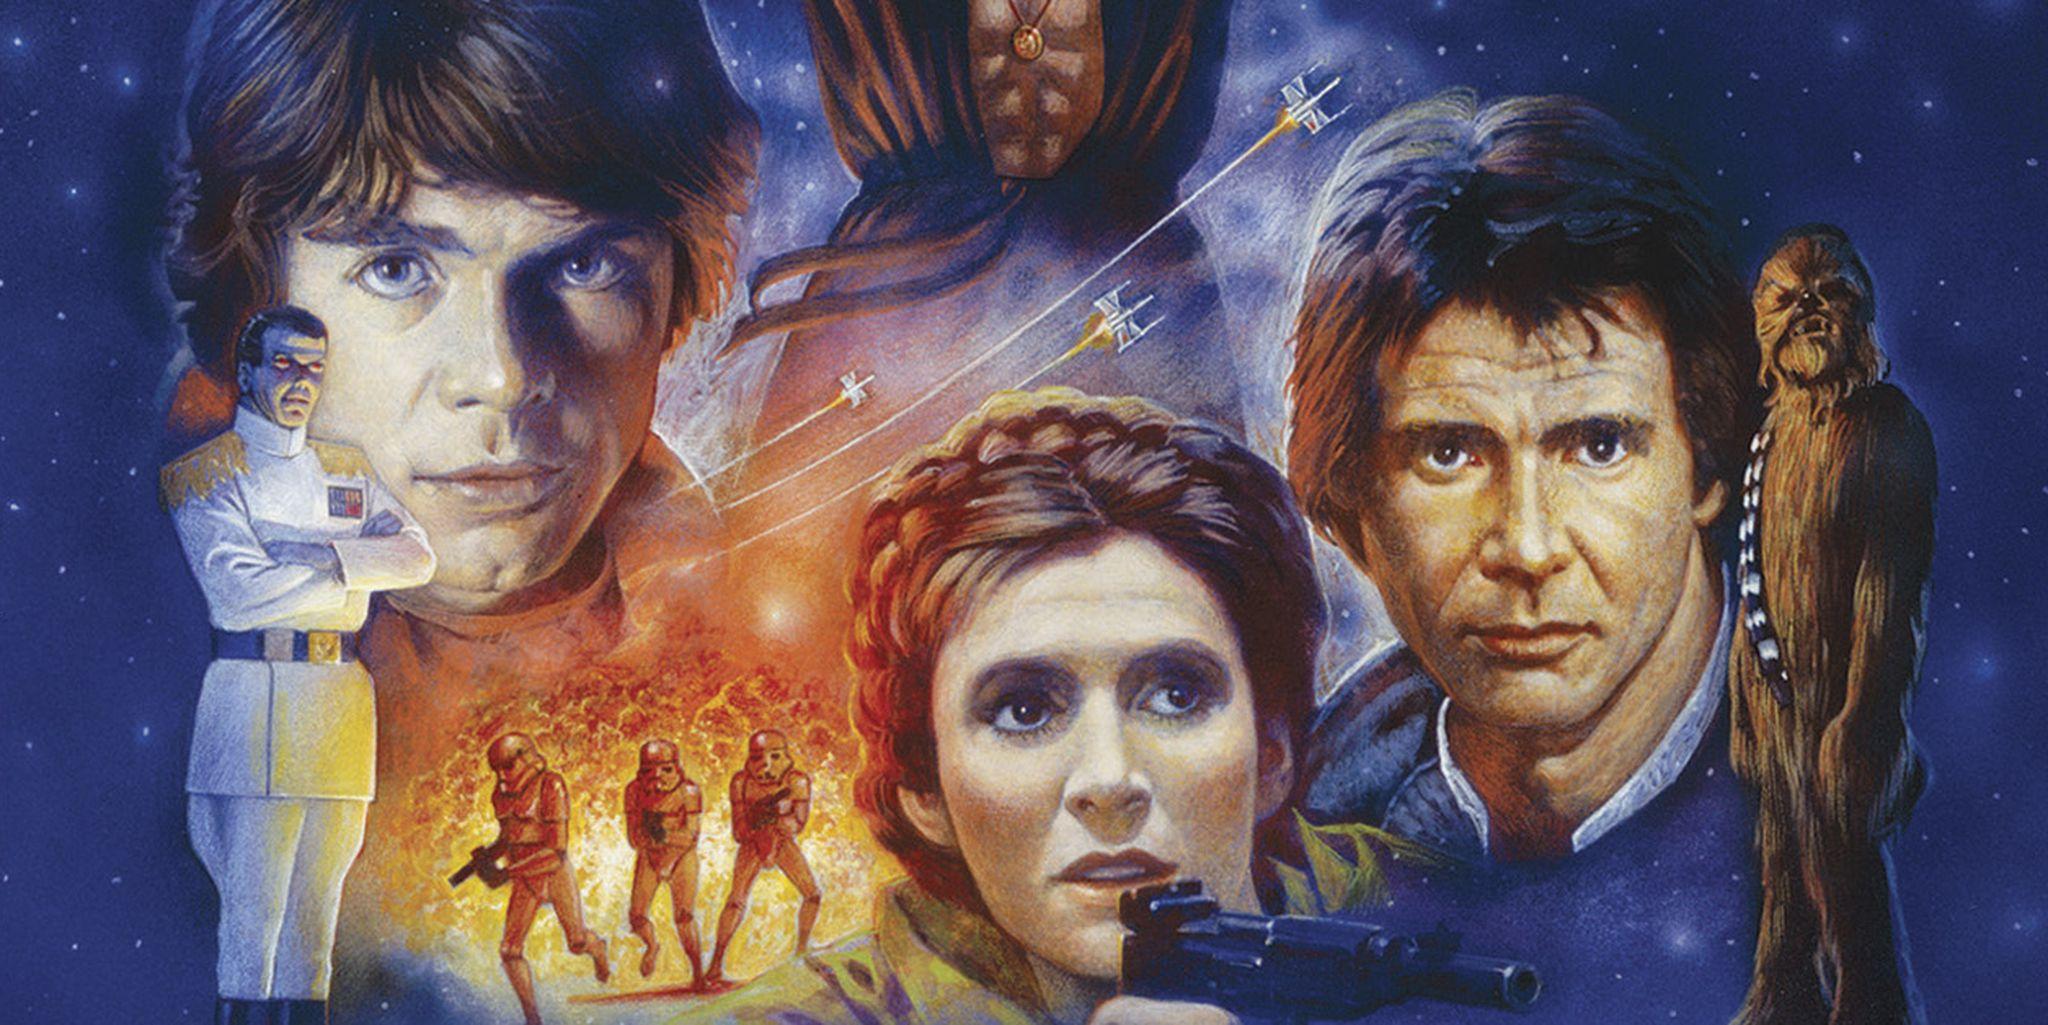 La Trilogia di Thrawn, gli originali Episodi 7, 8 e 9 | Star Wars Week thumbnail